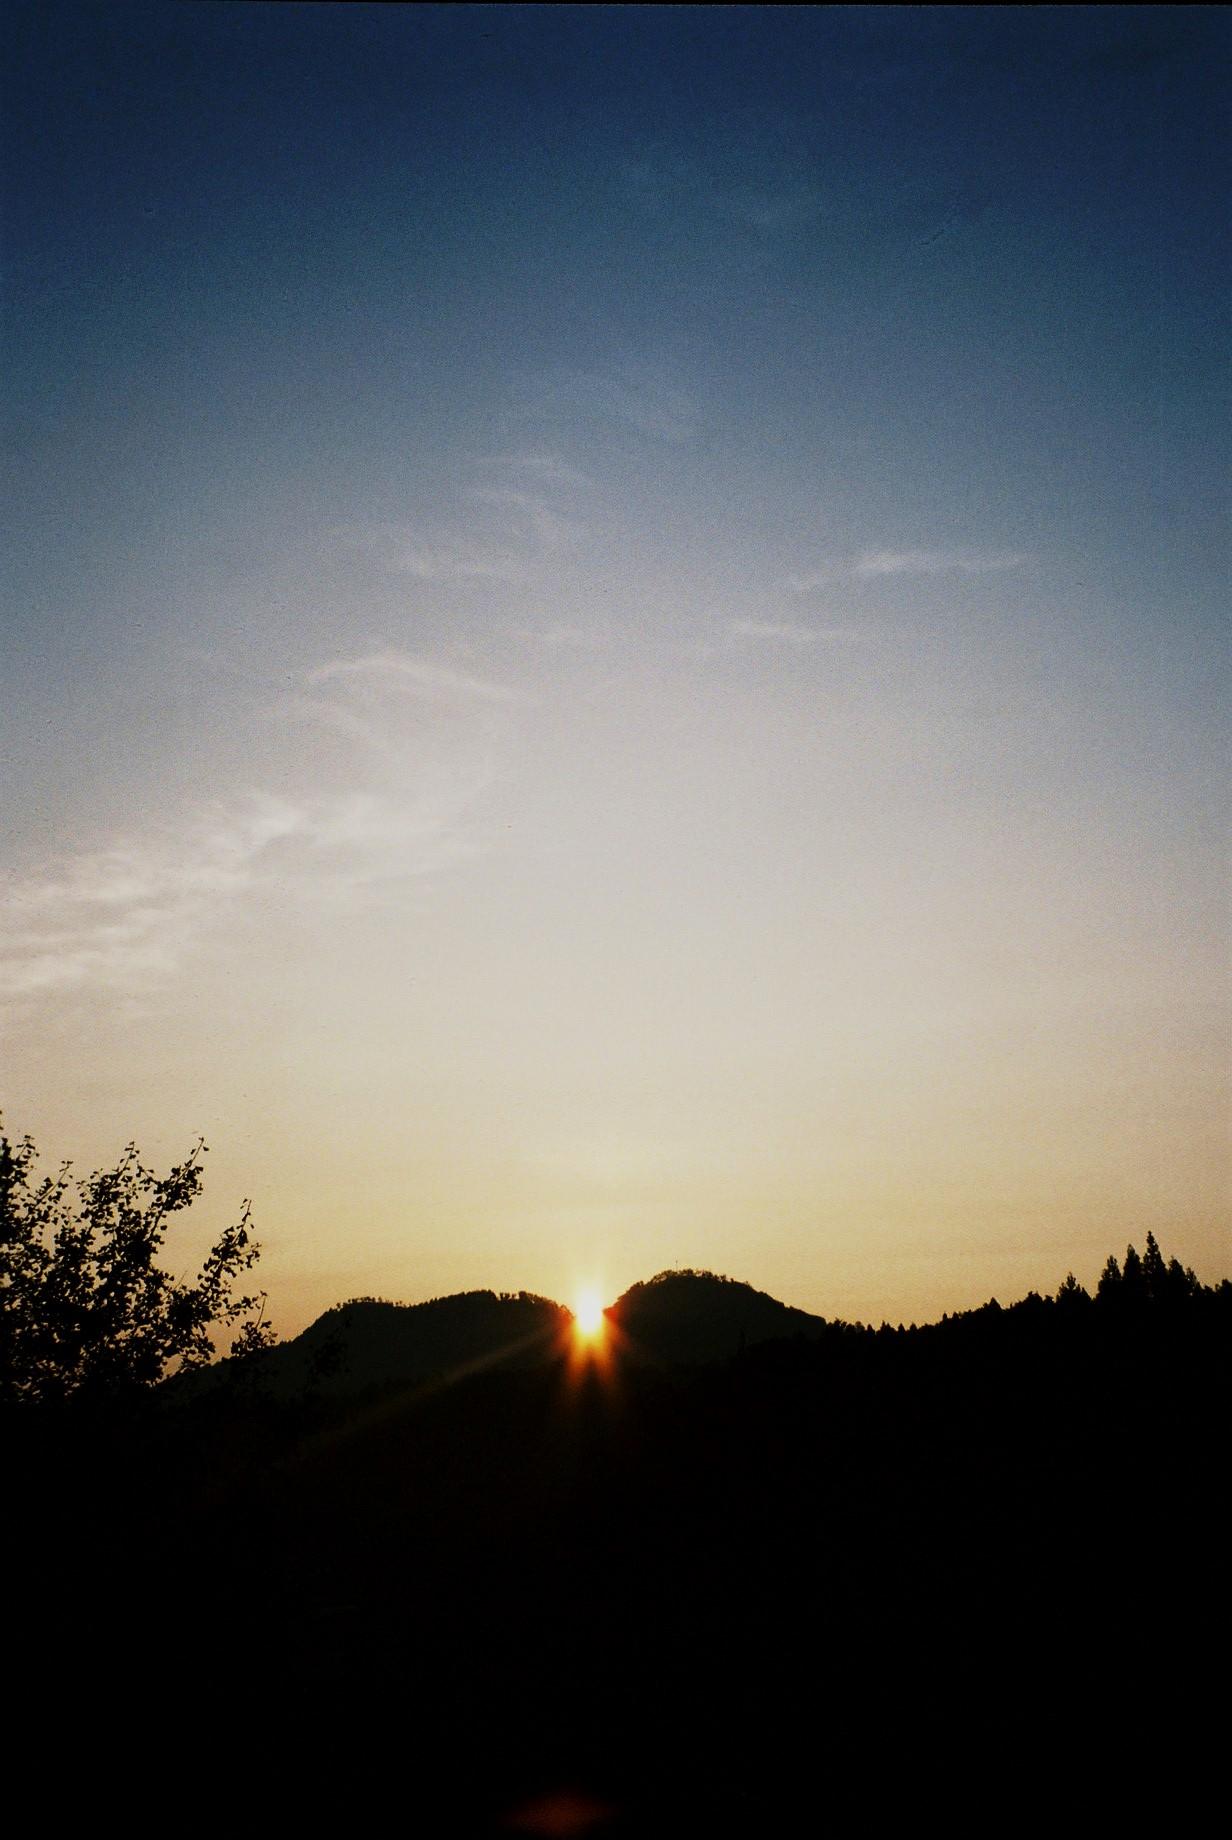 聖なるお山・・「白鹿山」から昇る朝陽_a0174458_1449774.jpg